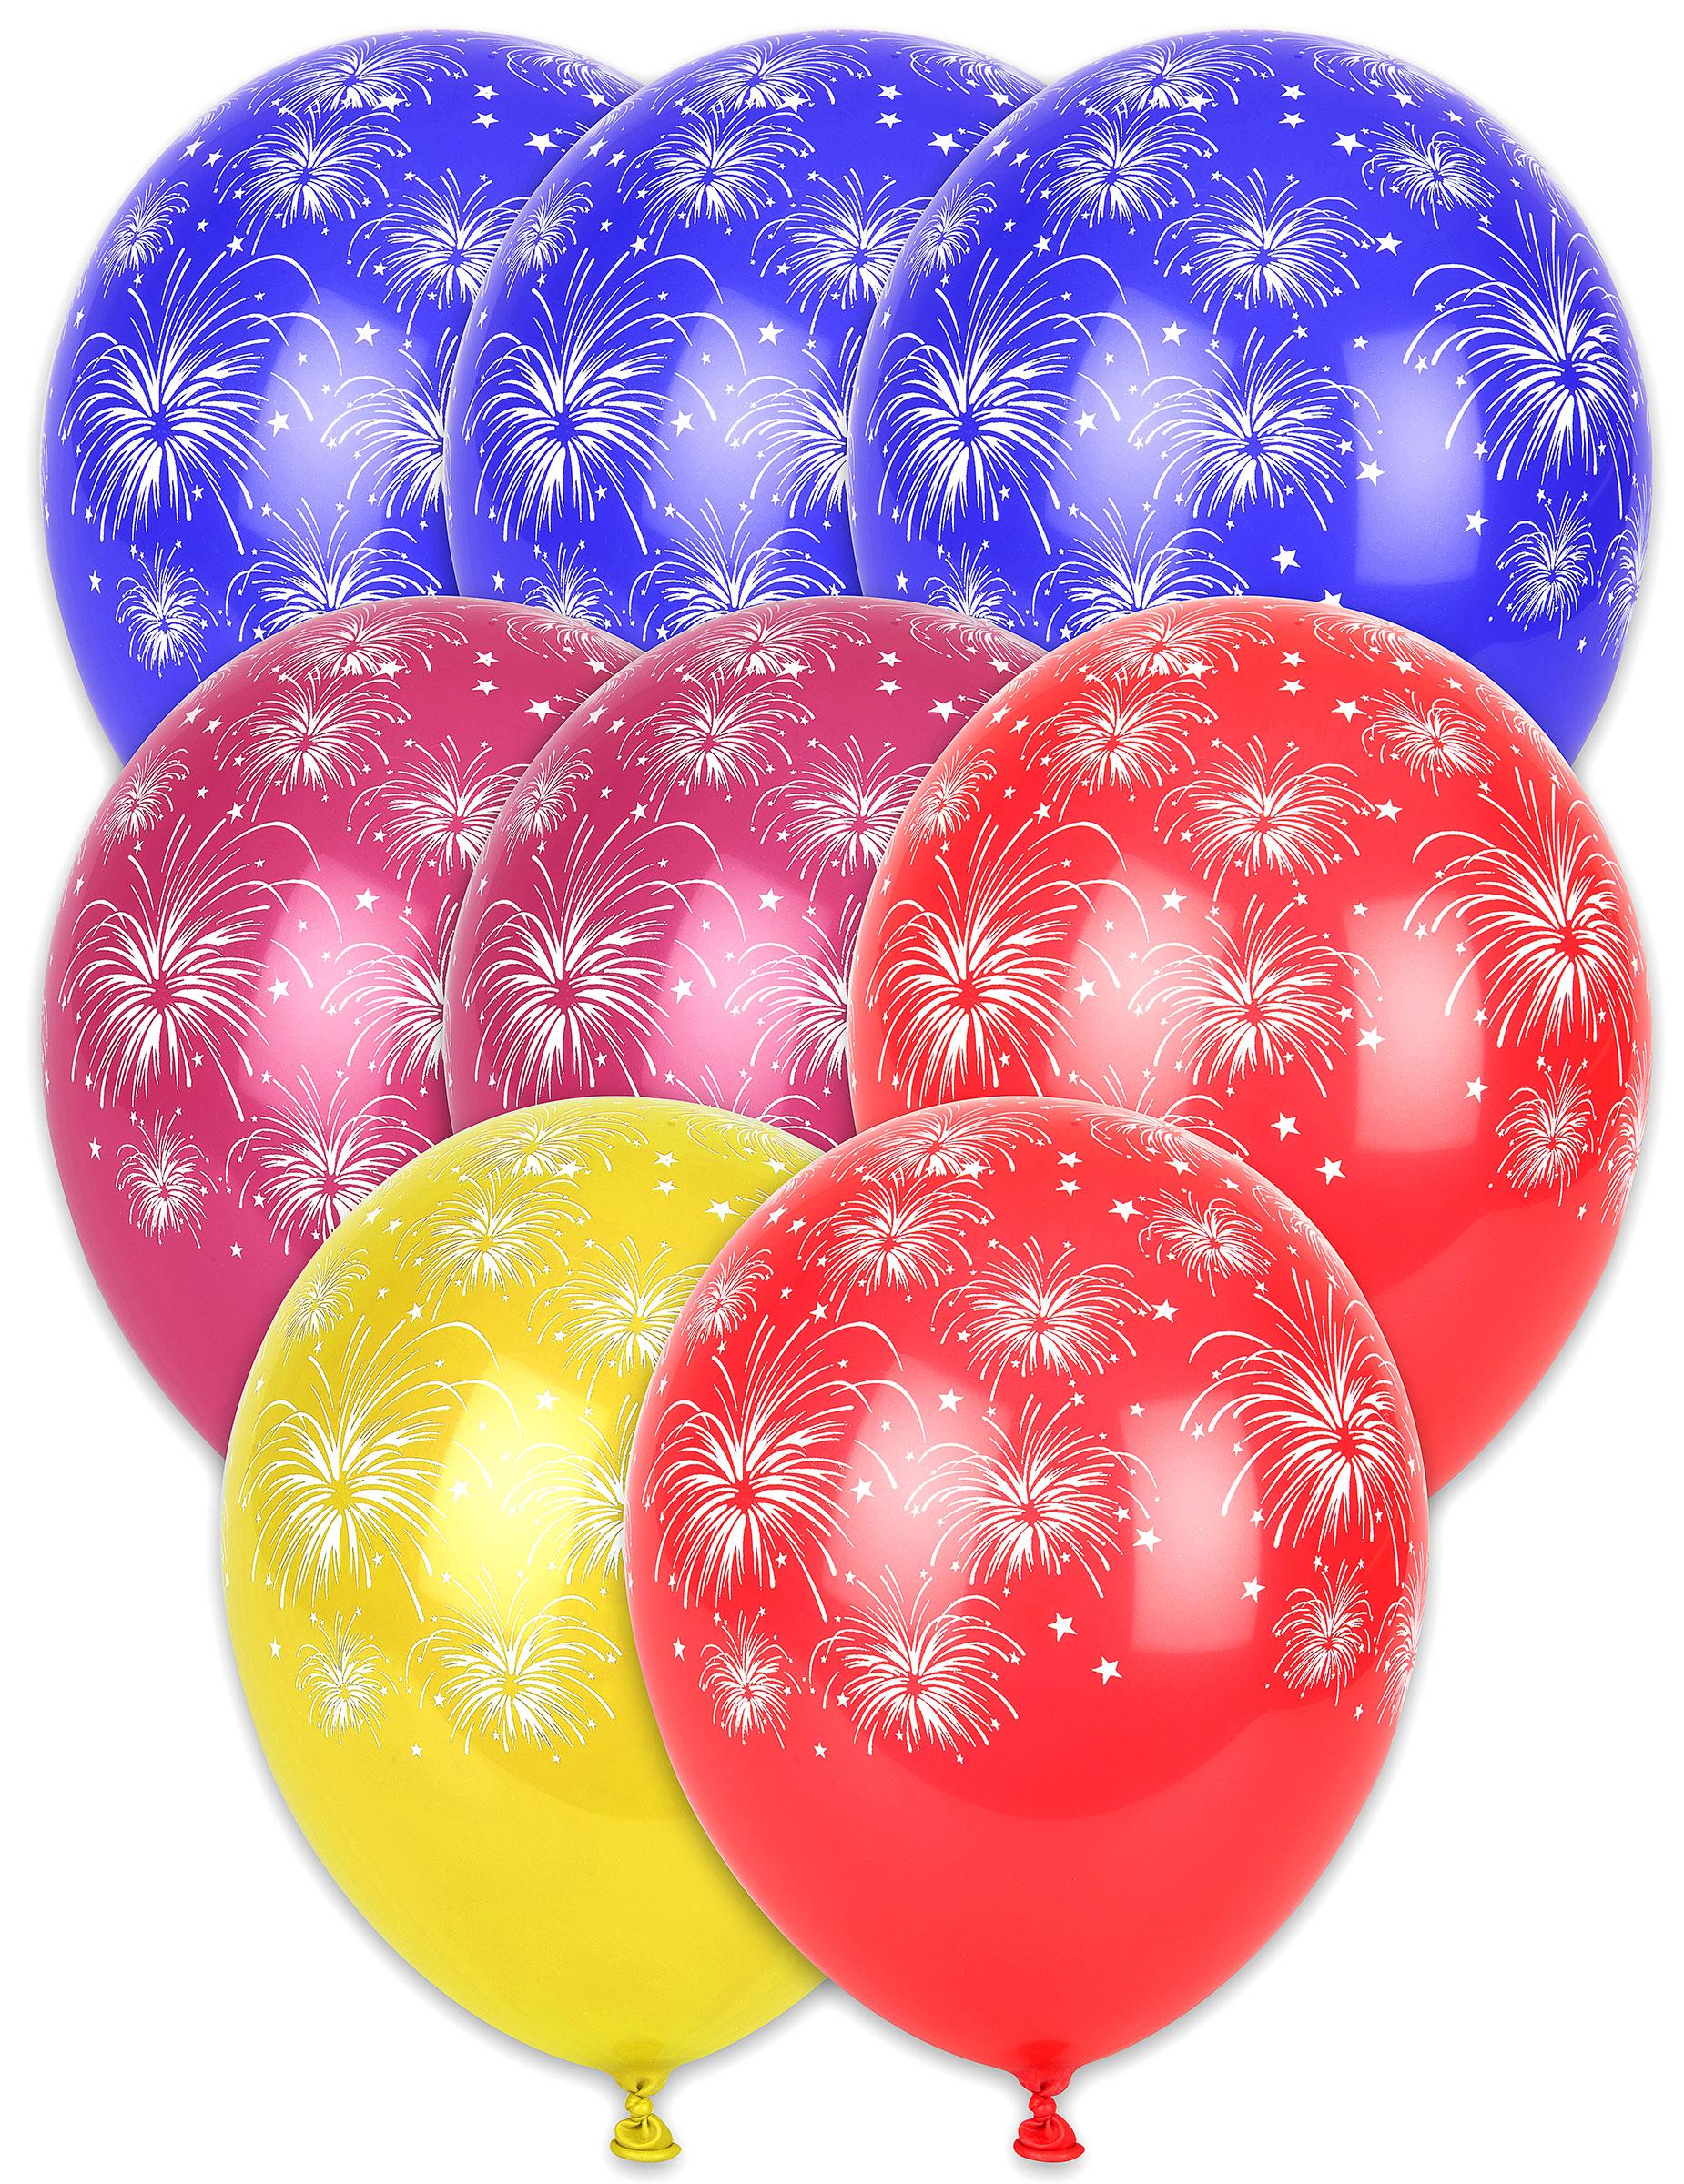 Silvester Party Dekoration Luftballons Mit Feuerwerk 8